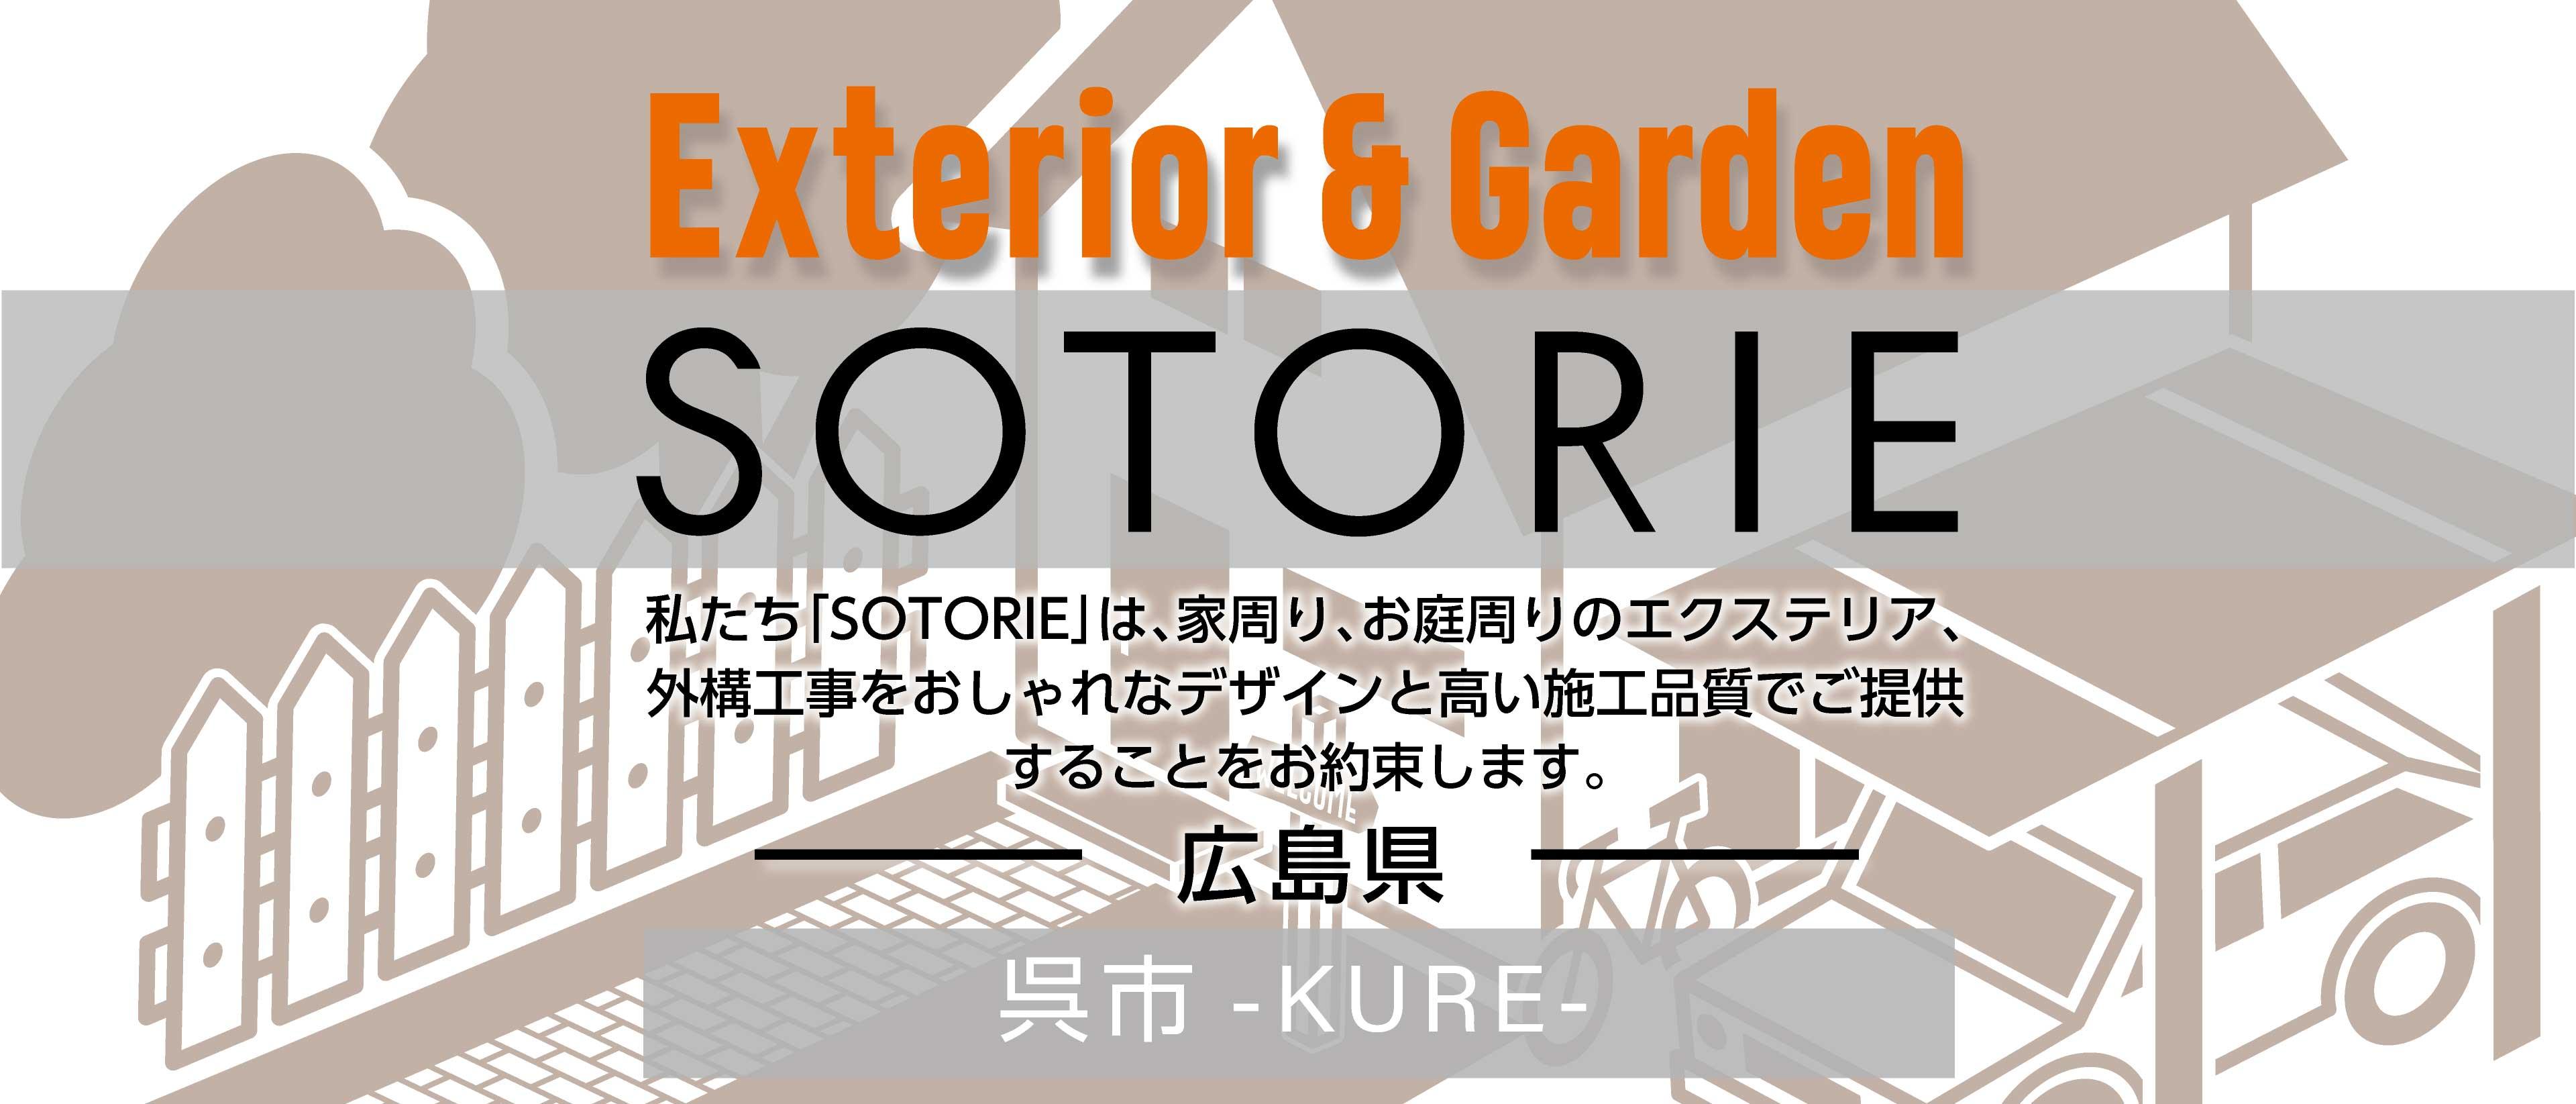 ソトリエ呉市では、家周りと庭周りの外構、エクステリア工事をおしゃれなデザインと高い施工品質でご提供することをお約束します。